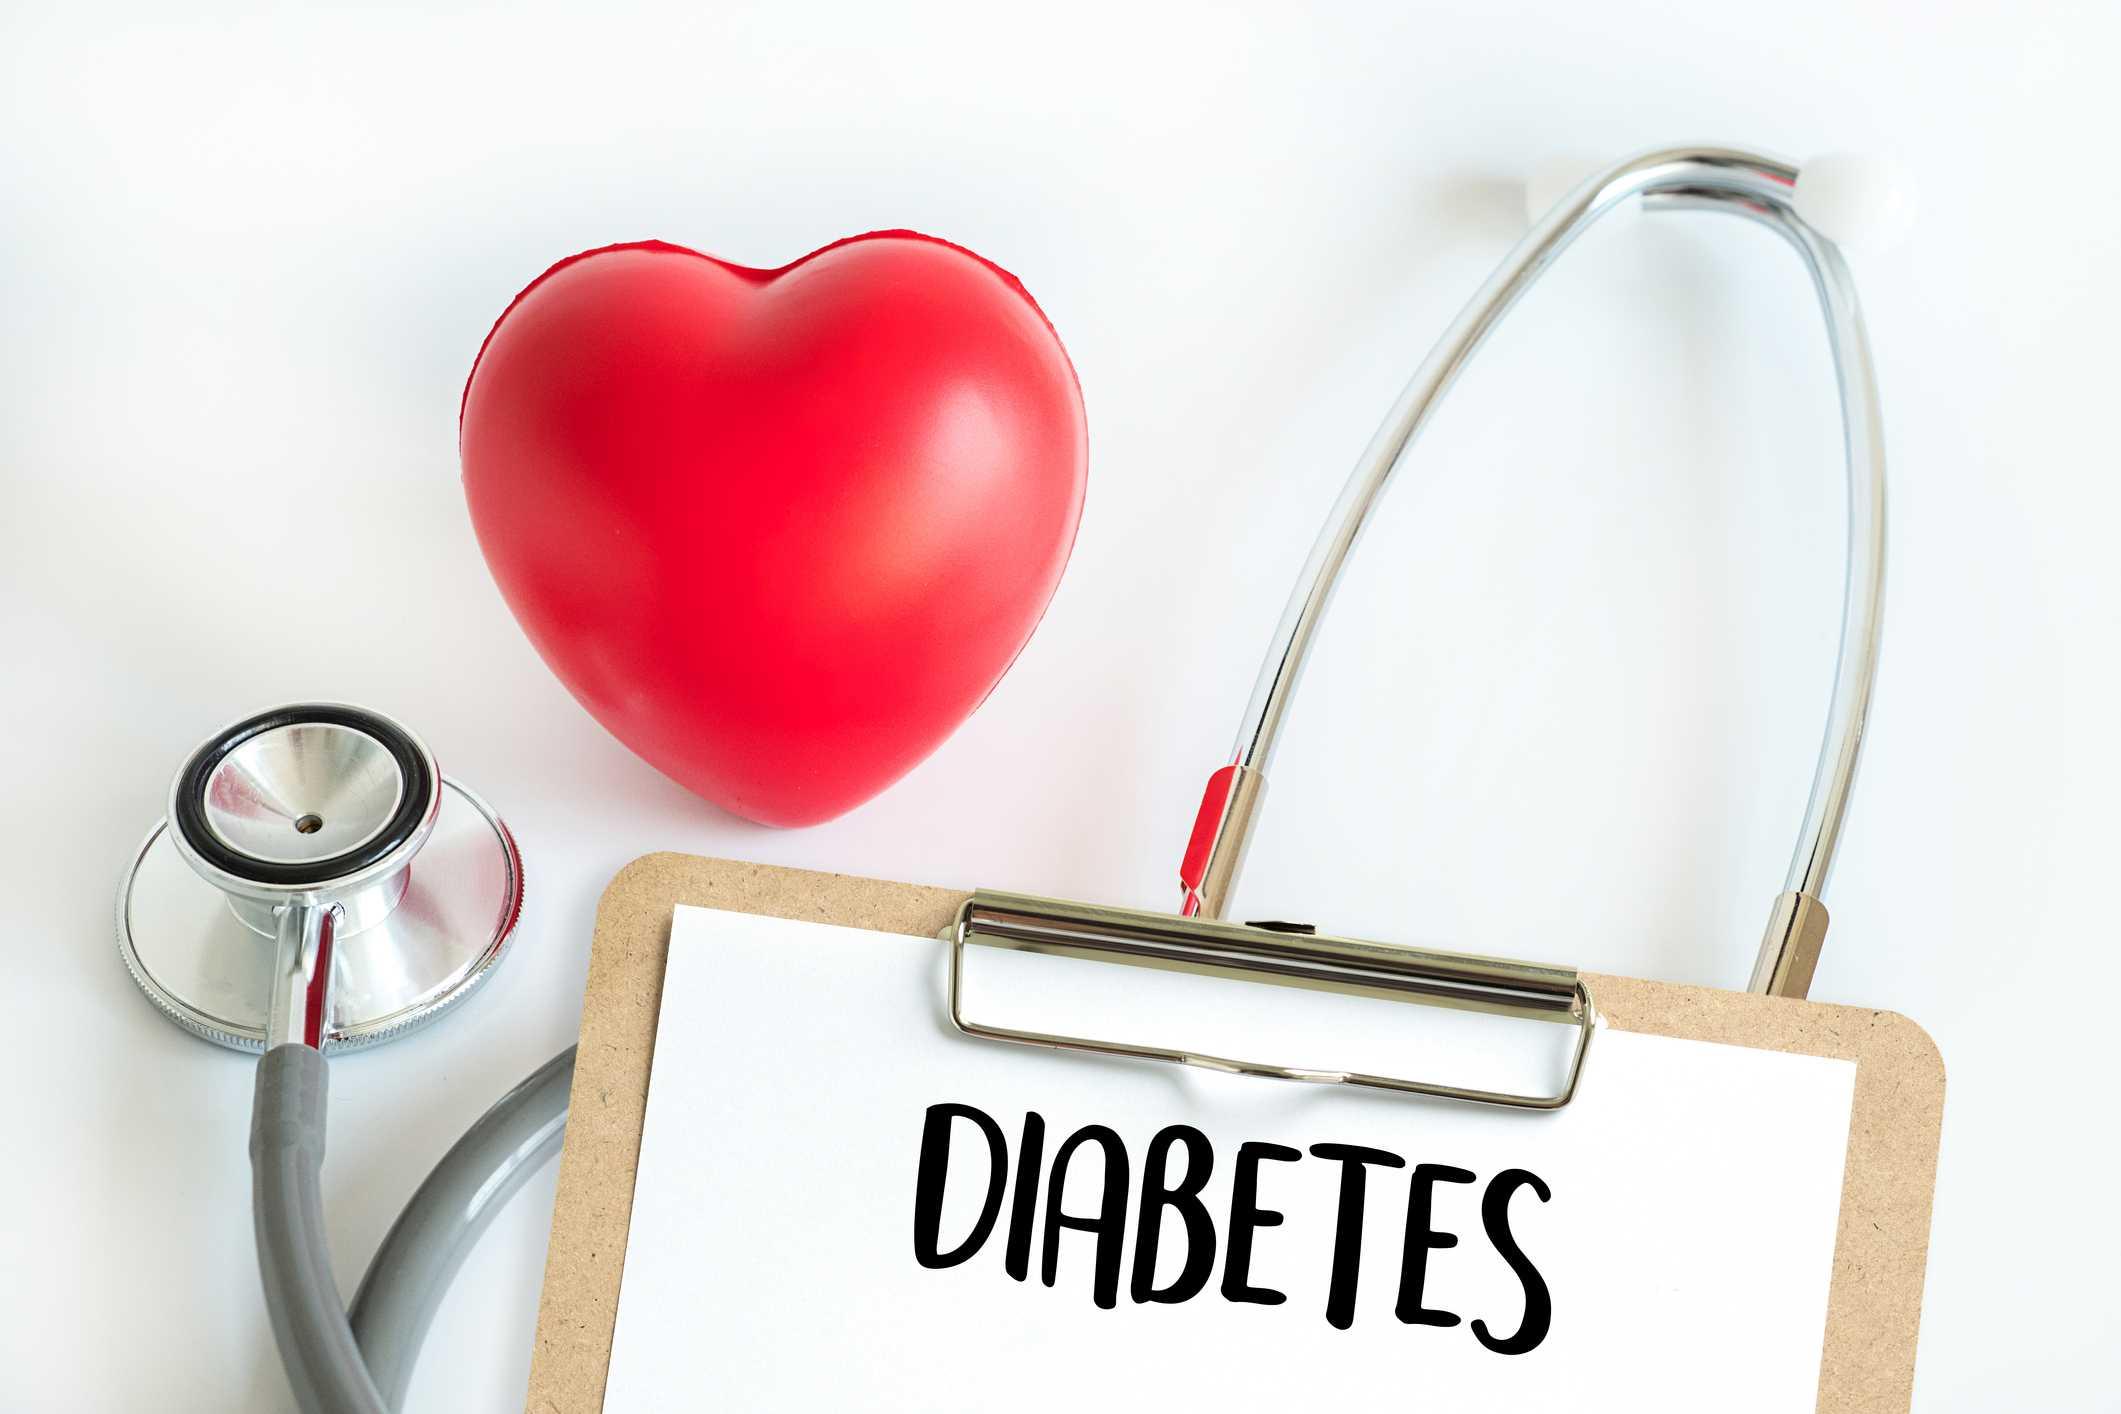 نکاتی که در درمان بیماری دیابت باید از پزشک پرسیده شود، کدام موارد می باشند؟